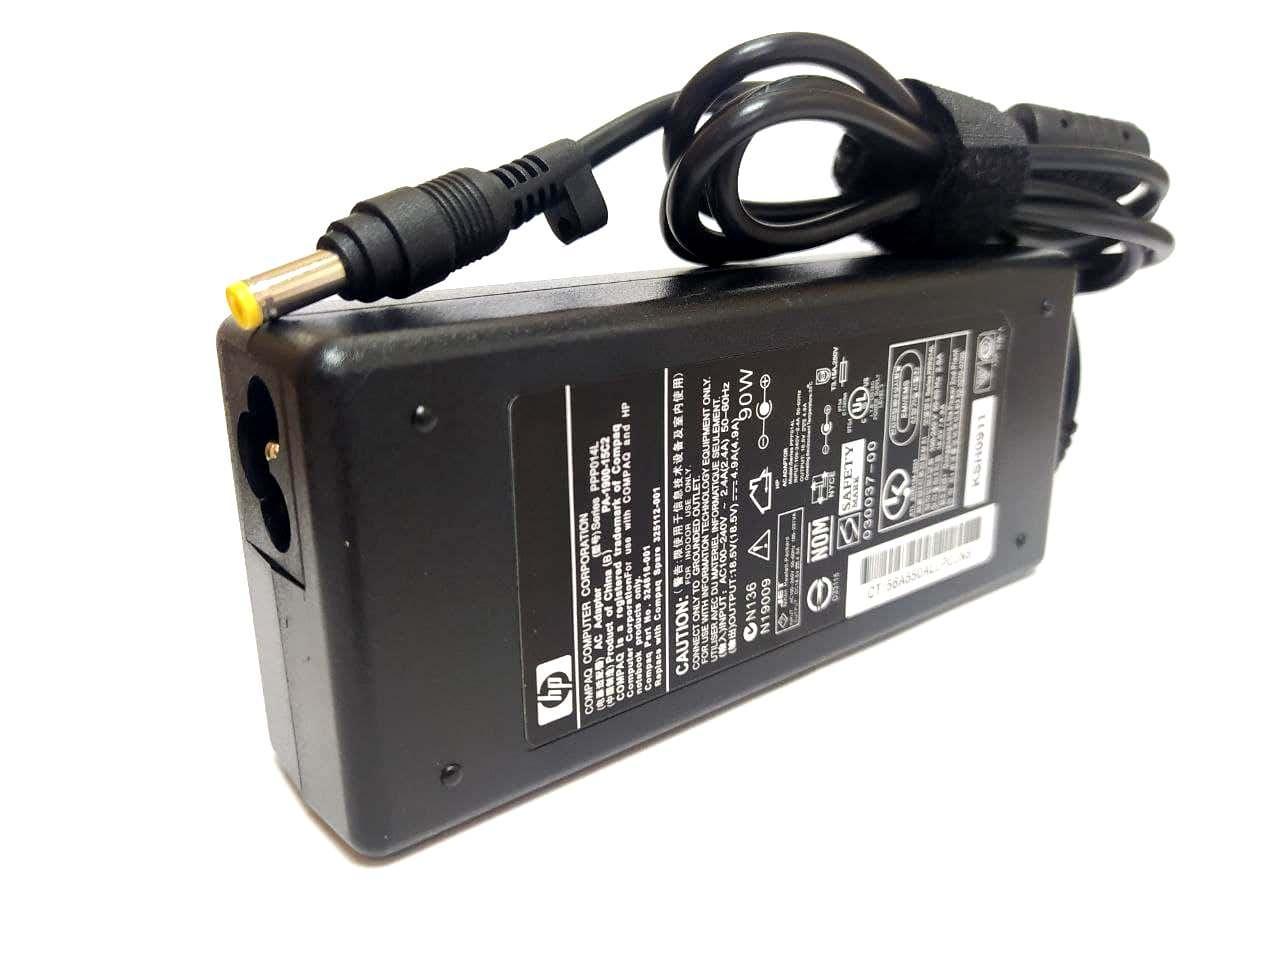 Блок питания для ноутбука HP Pavilion nc6120 18.5V 4.9A 4.8*1.7mm 90W